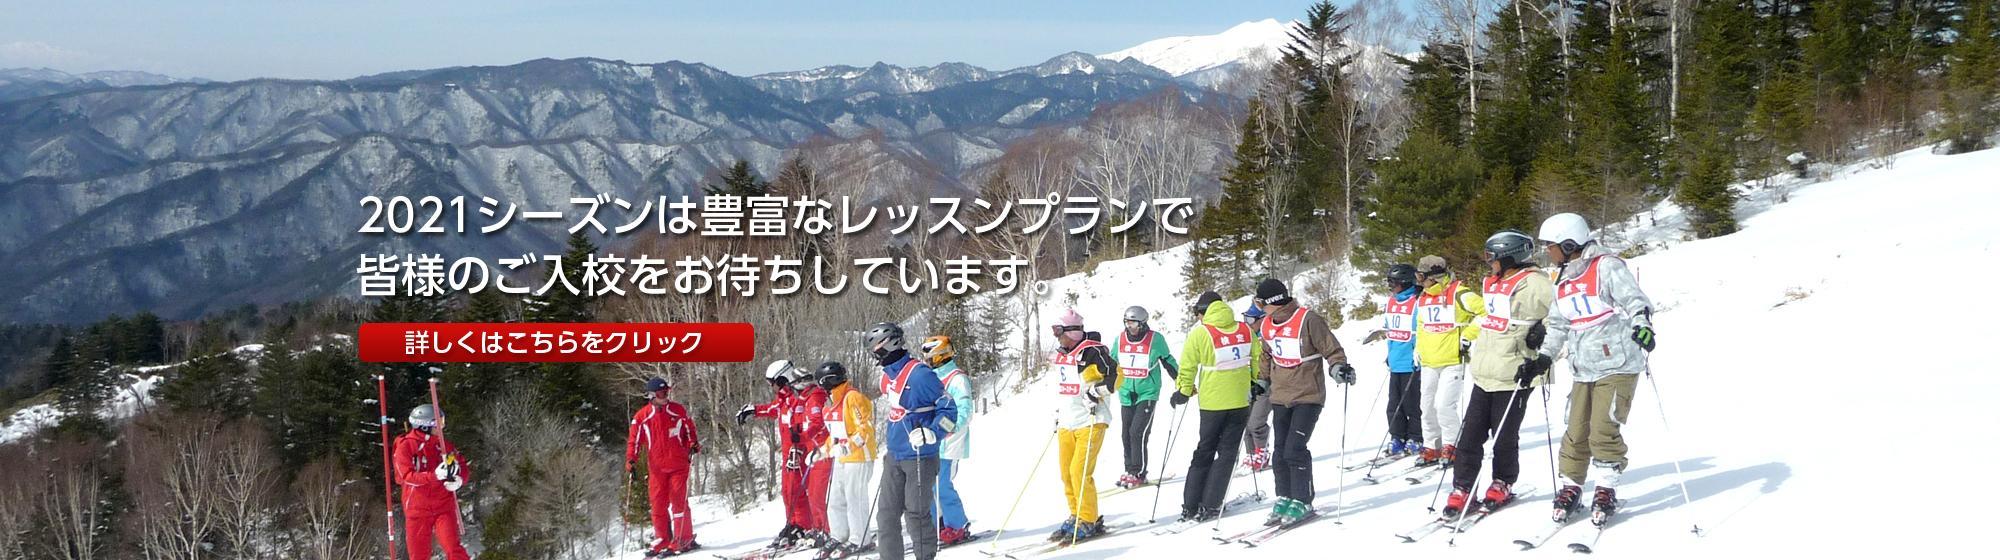 豊富なレッスンプランの木曽福島スキー教室